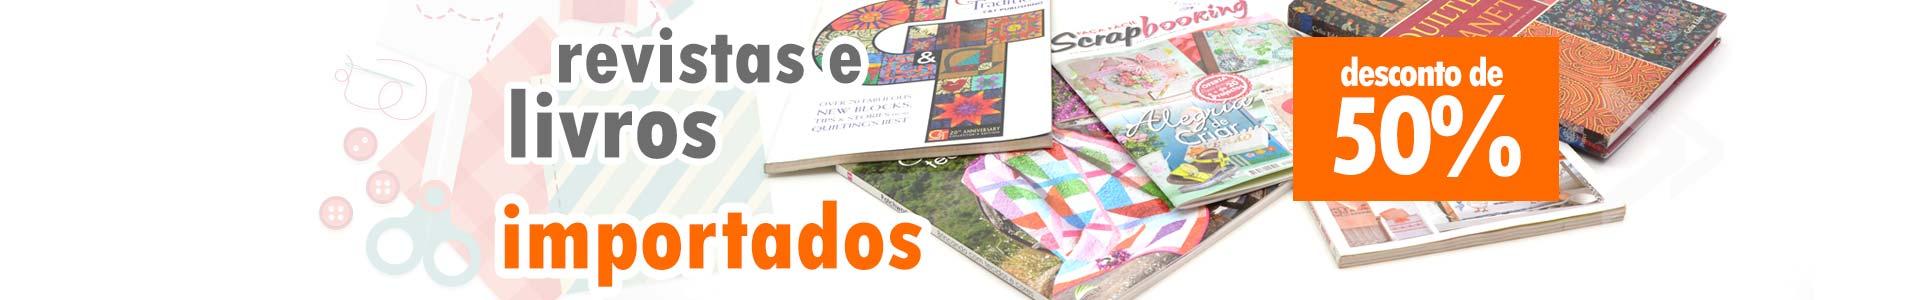 Revistas Livros Importados 50% OFF